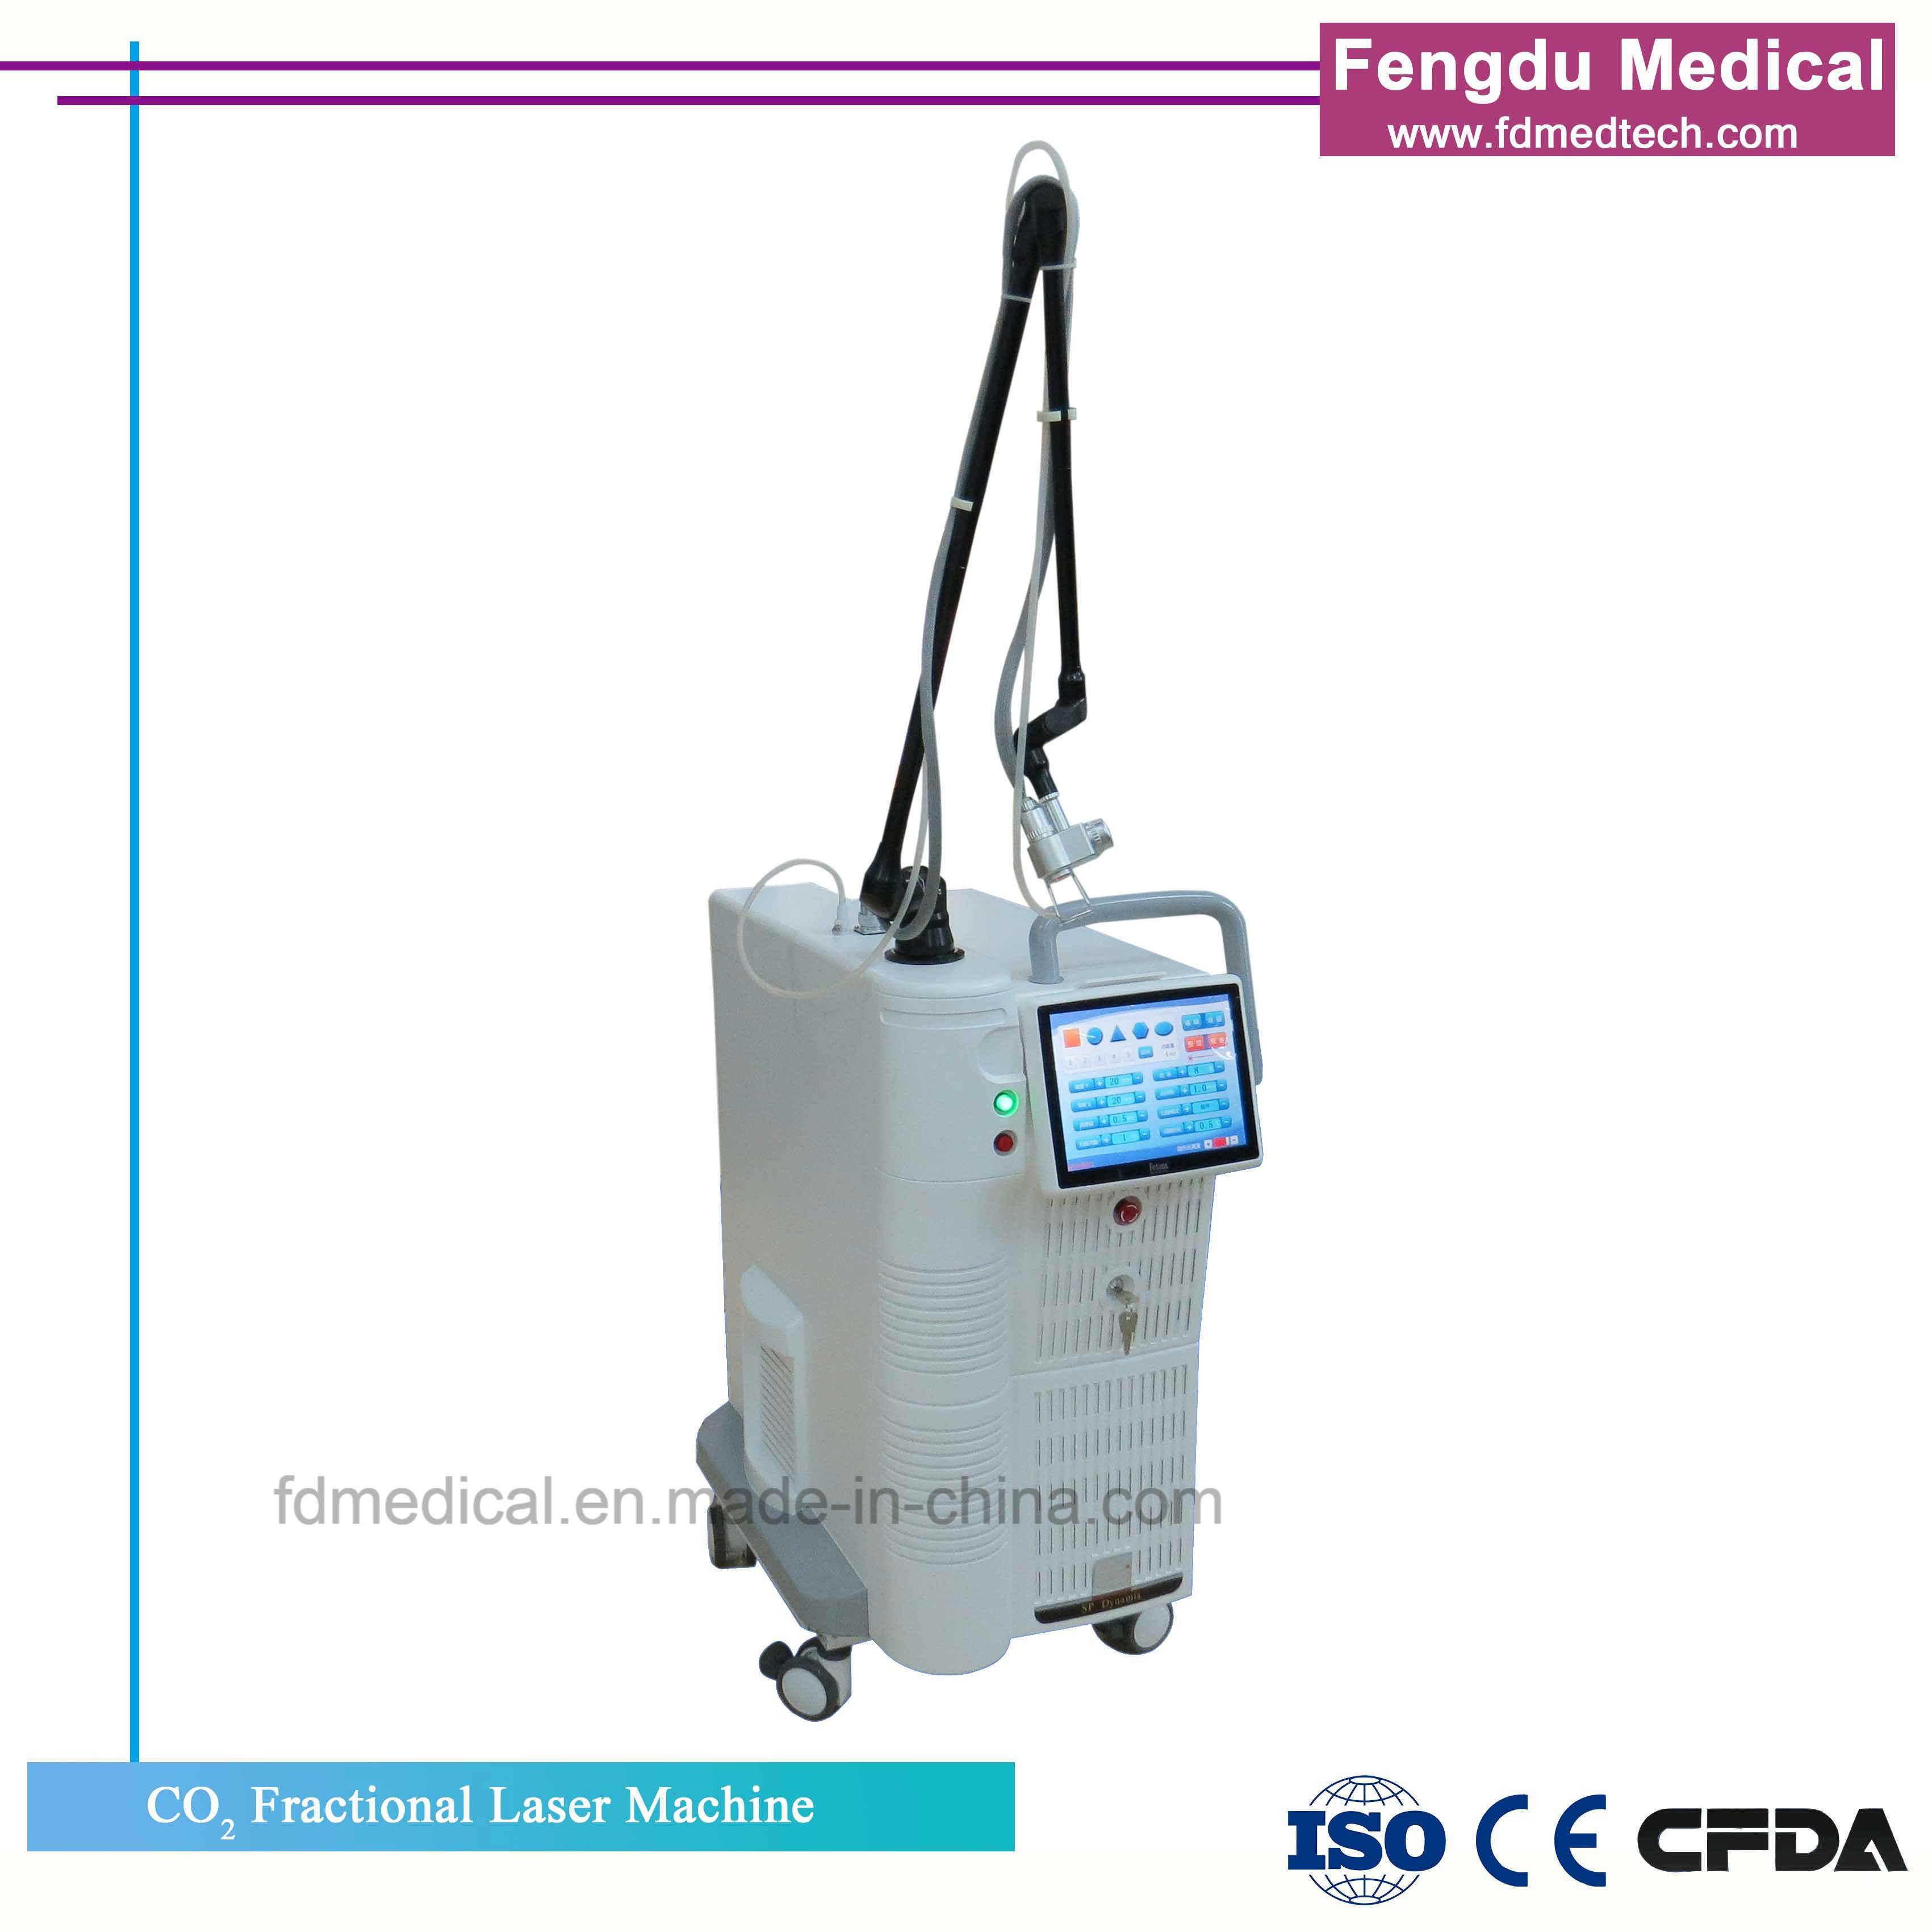 La beauté de CO2 Laser fractionnel médical pour étirer Mark dépose de l'équipement